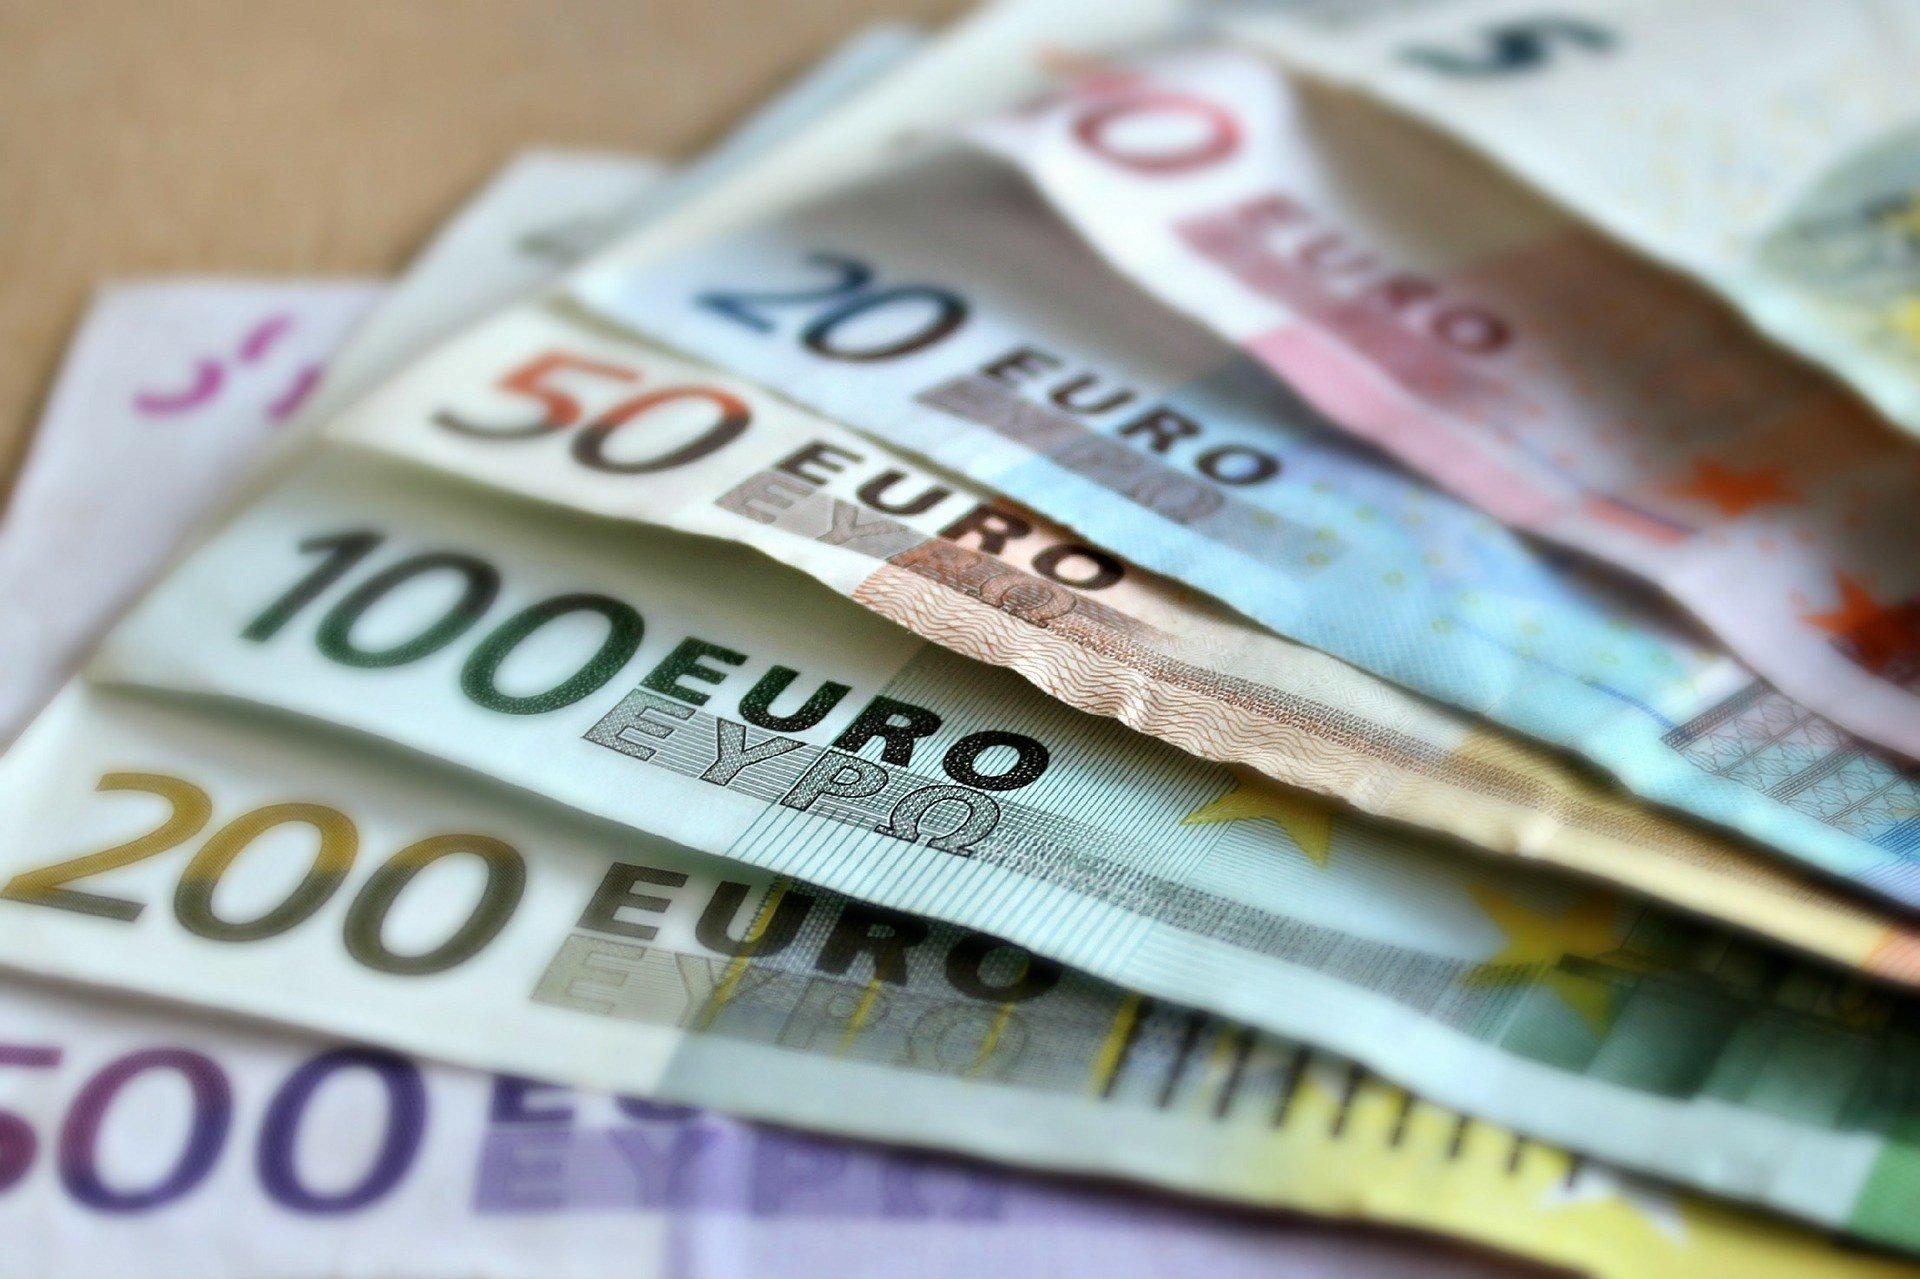 Венгрия и Польша могут лишиться выплат ЕС